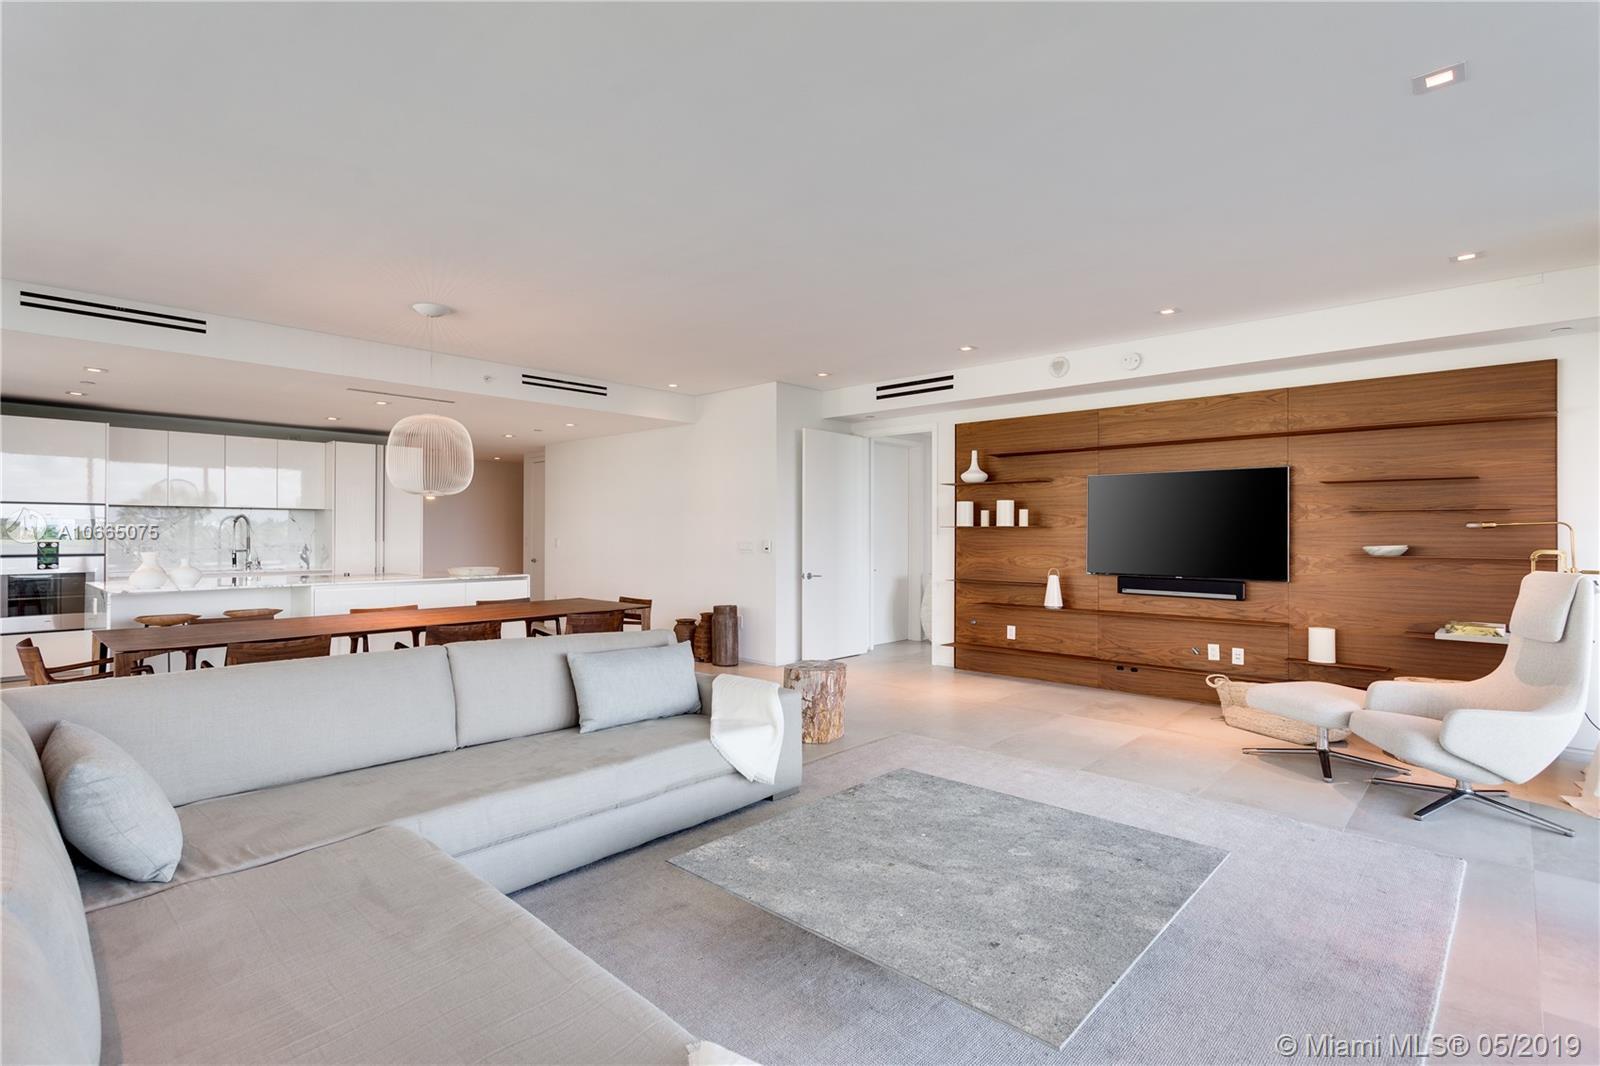 10203 Collins Ave #311, Bal Harbour, FL 33154 - Bal Harbour, FL real estate listing